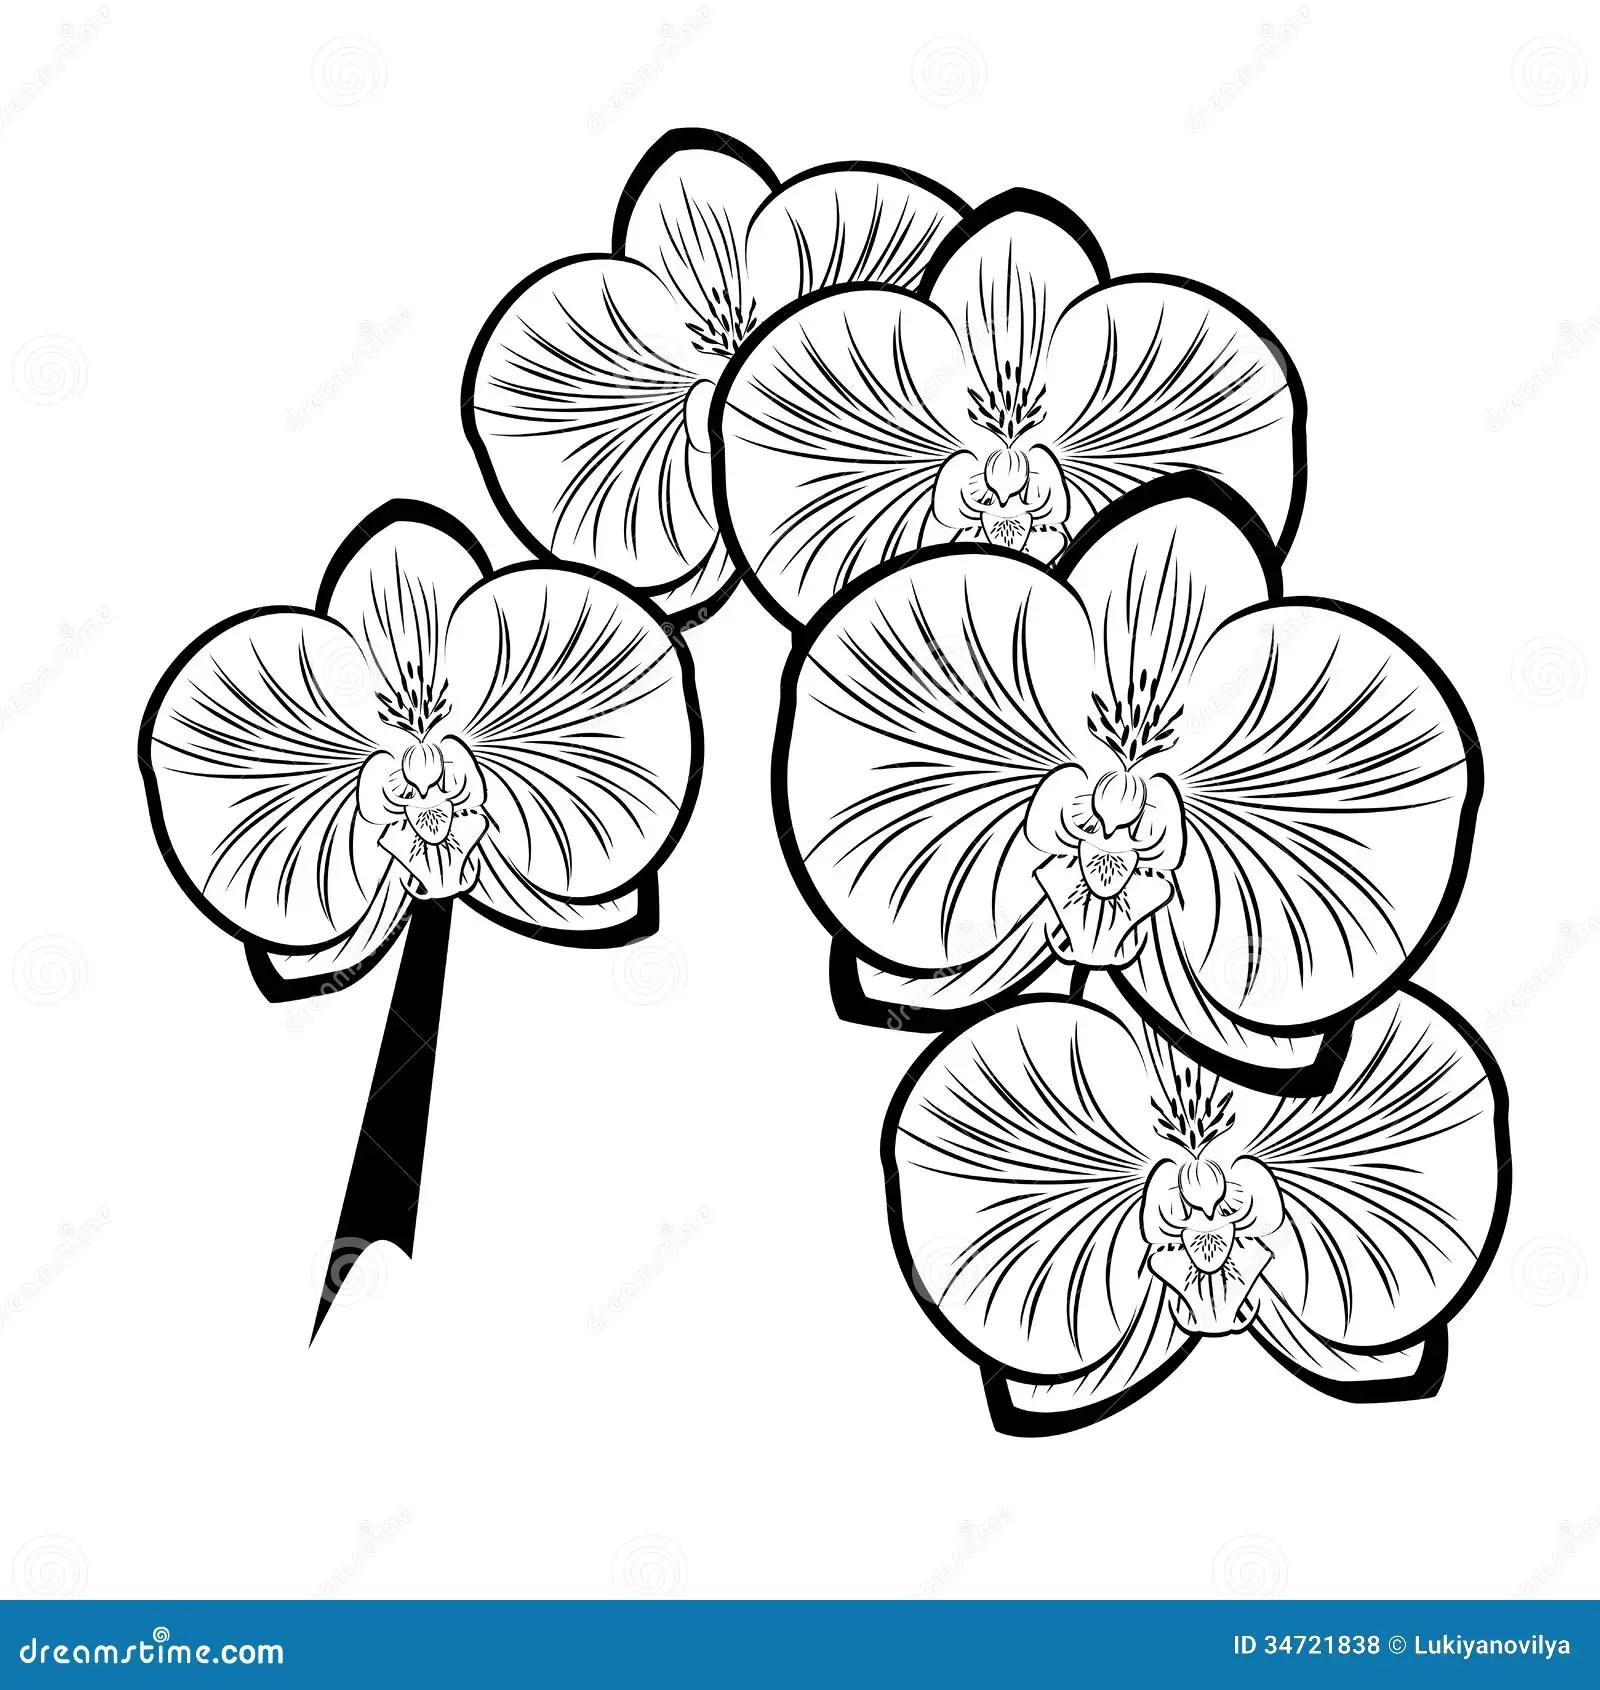 Dessin Noir Et Blanc Des Fleurs D Orchidee Illustration De